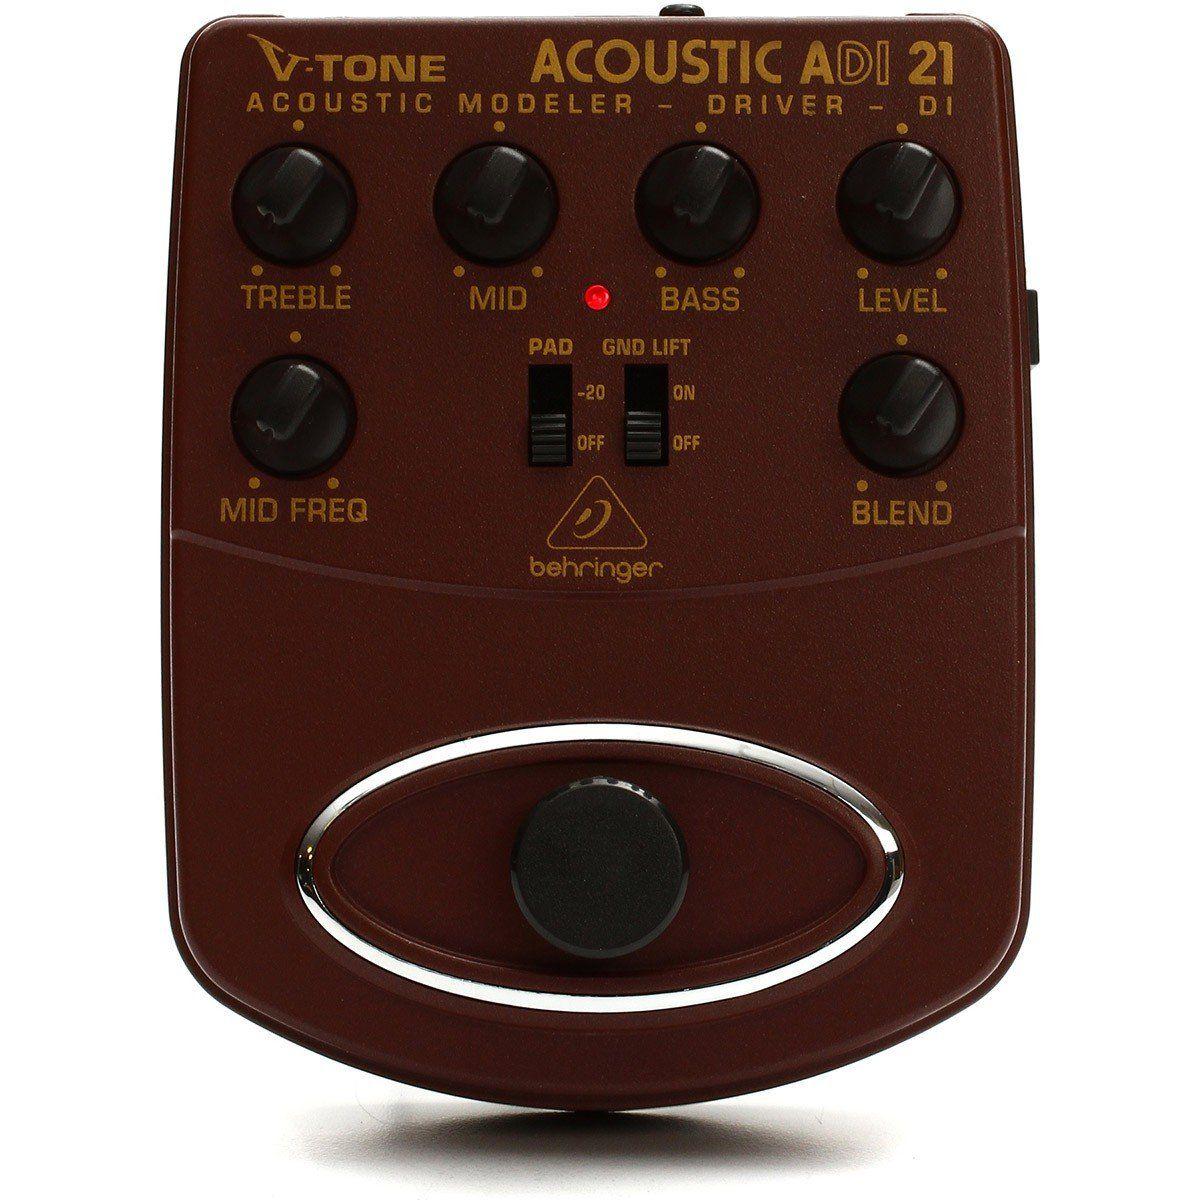 Behringer ADI21 V-Tone Acoustic Pedal para Violão com Equalizador de 3 Bandas